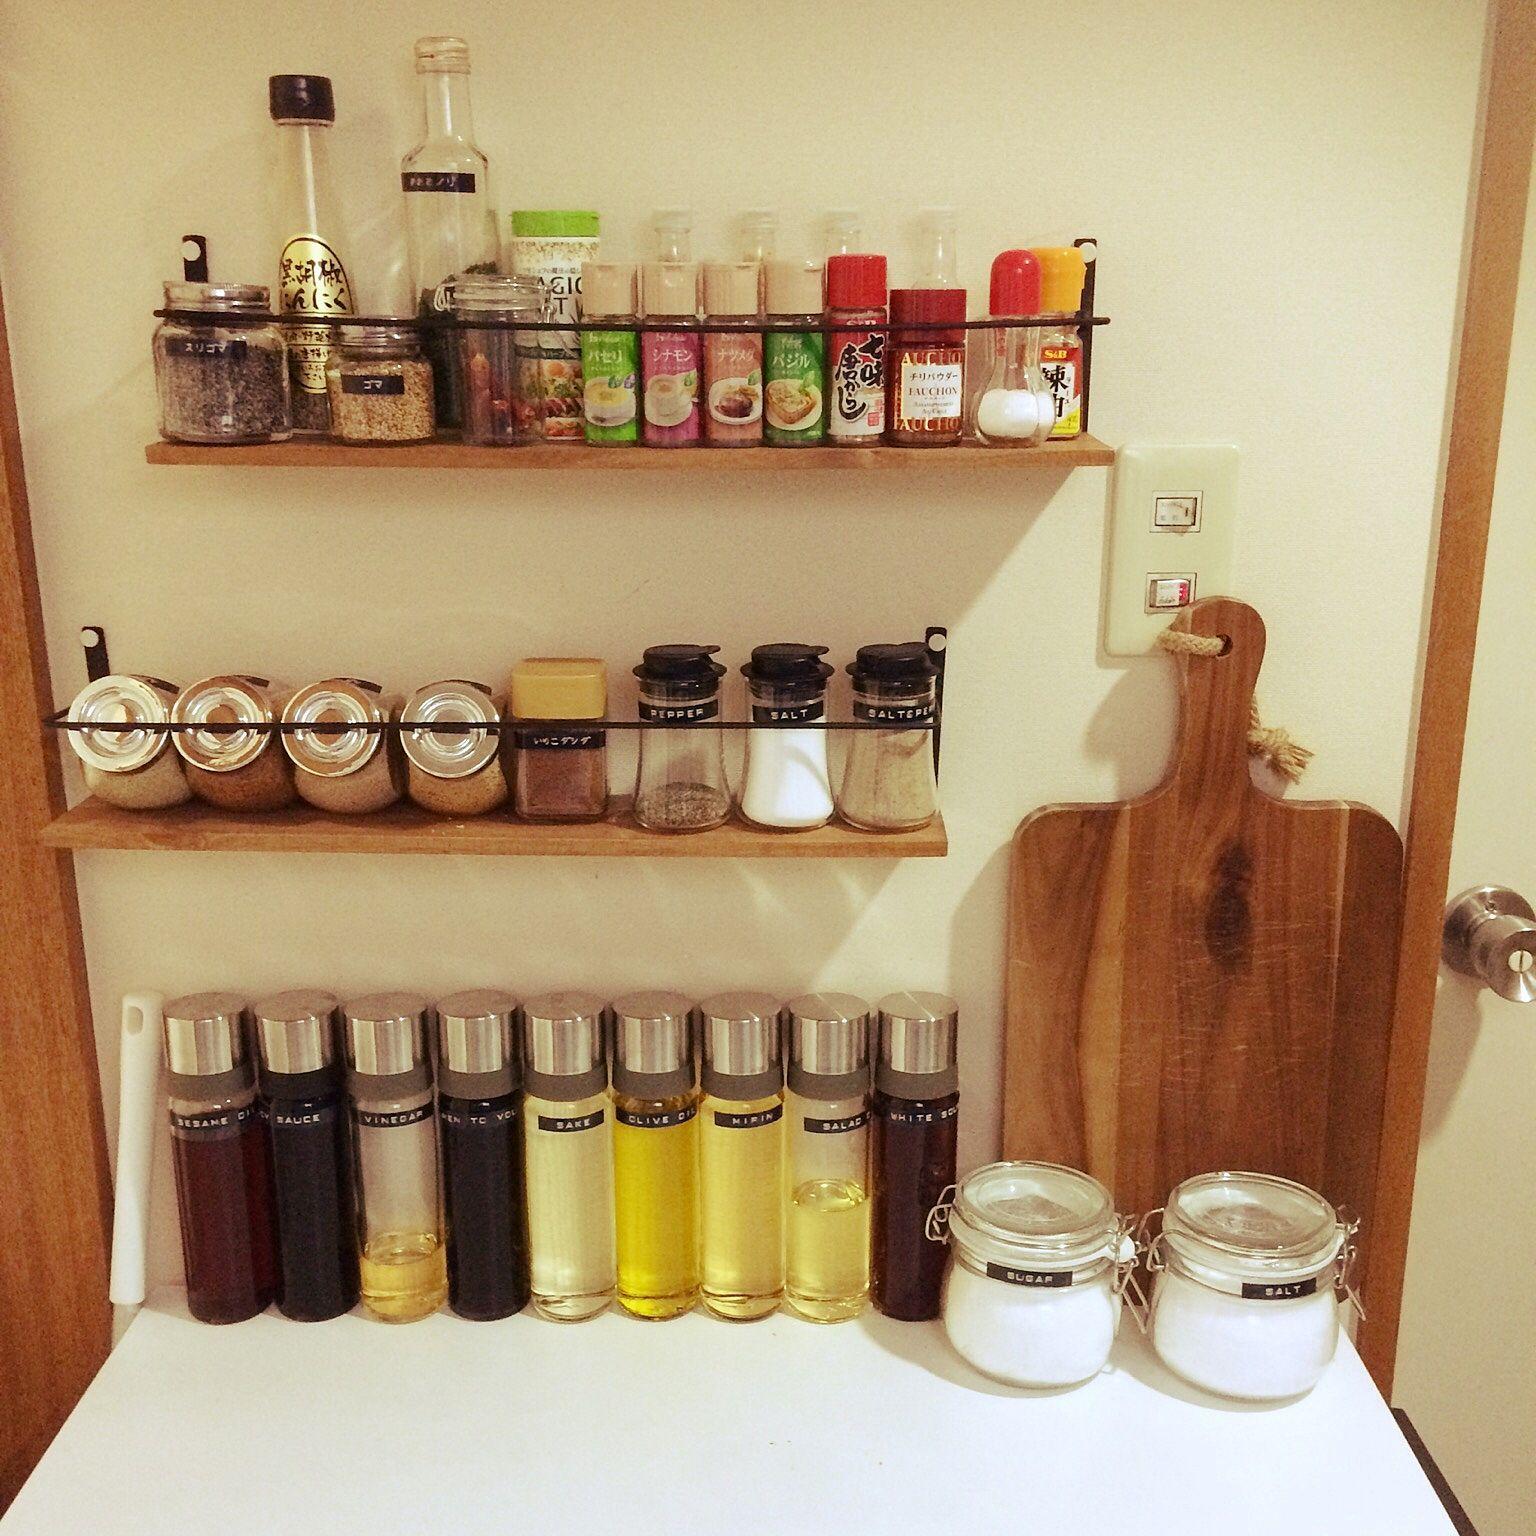 キッチン キッチン収納 Dymo 調味料 Iwakiの調味料入れ などの